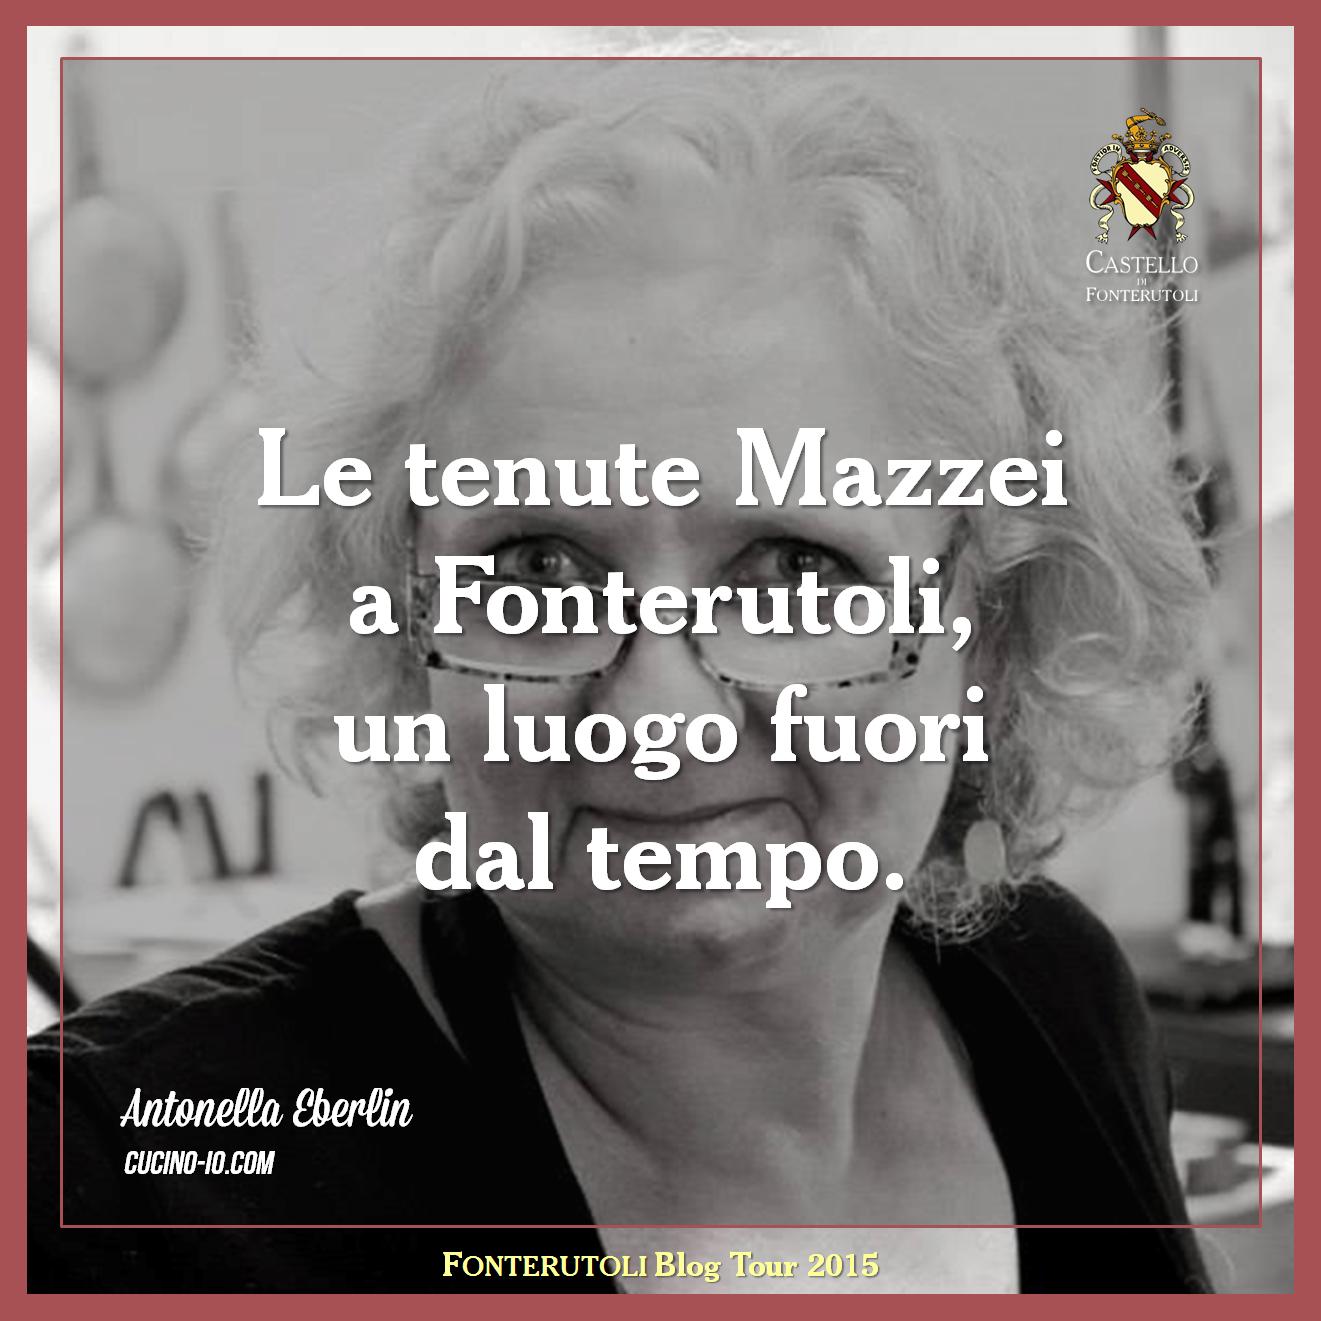 La sintesi di Antonella Eberlin della sua esperienza durante il blog tour a Fonterutoli. @marchesimazzei #mazzei #fonterutoli #tuscany #wine